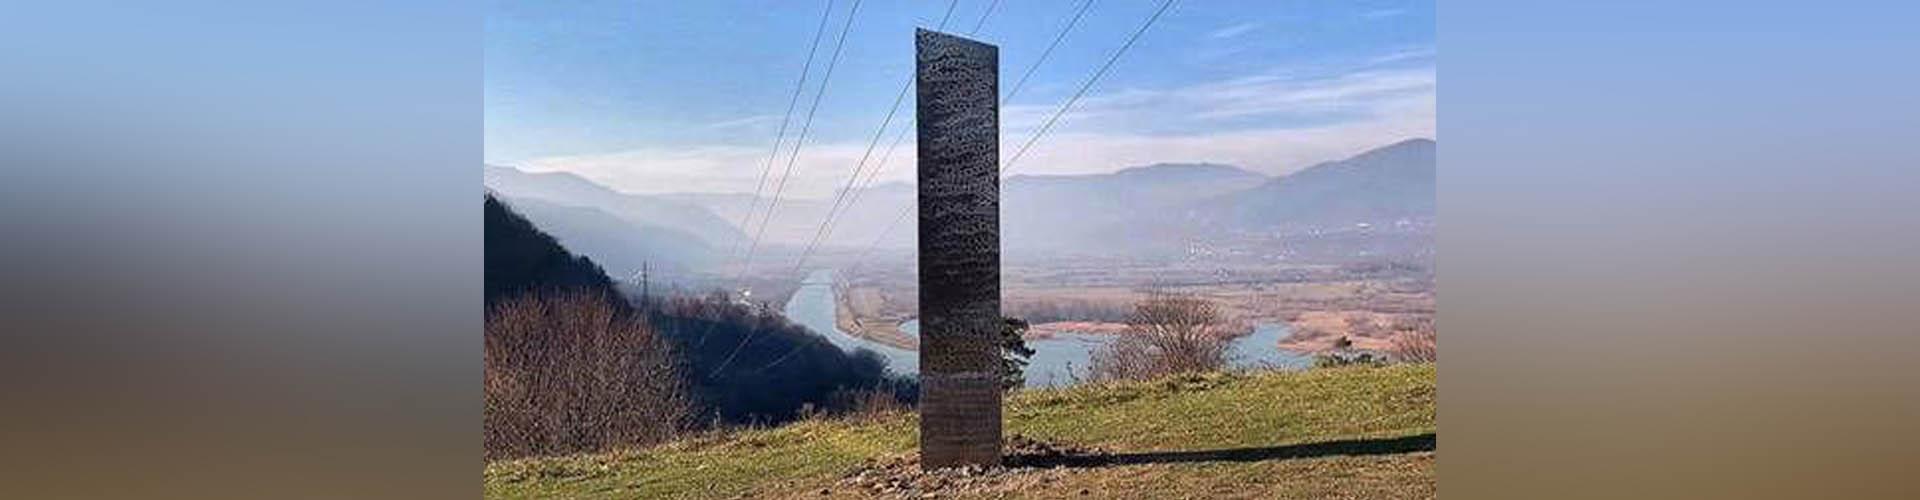 Hallan otro monolito metálico similar al de Utah en Rumanía